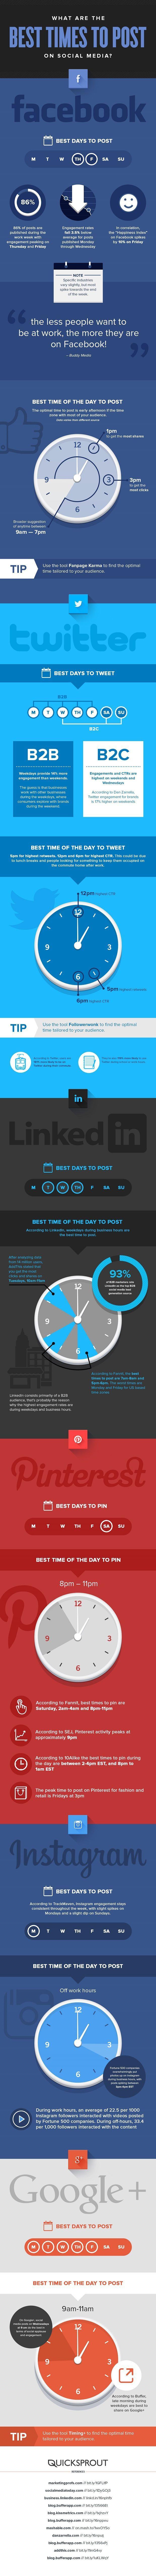 Wat zijn de beste tijden om te posten op Social Media? / What are the beste times to post on Social Media? [Infographic]